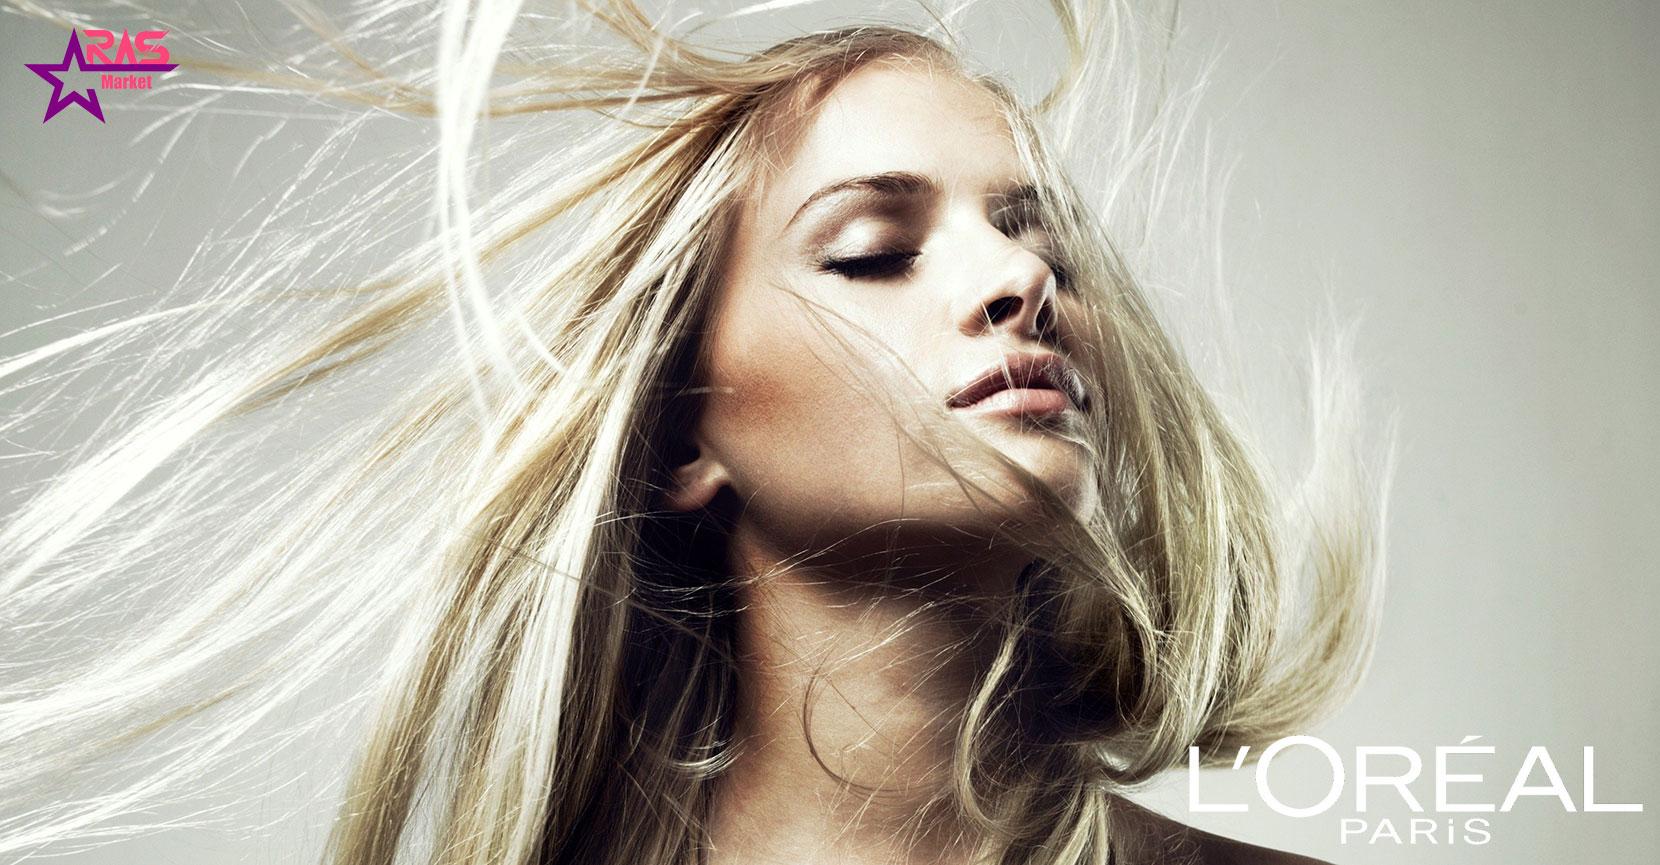 کیت رنگ مو لورآل سری Excellence شماره 9.1 ، خرید اینترنتی محصولات شوینده و بهداشتی ، رنگ موی بانوان